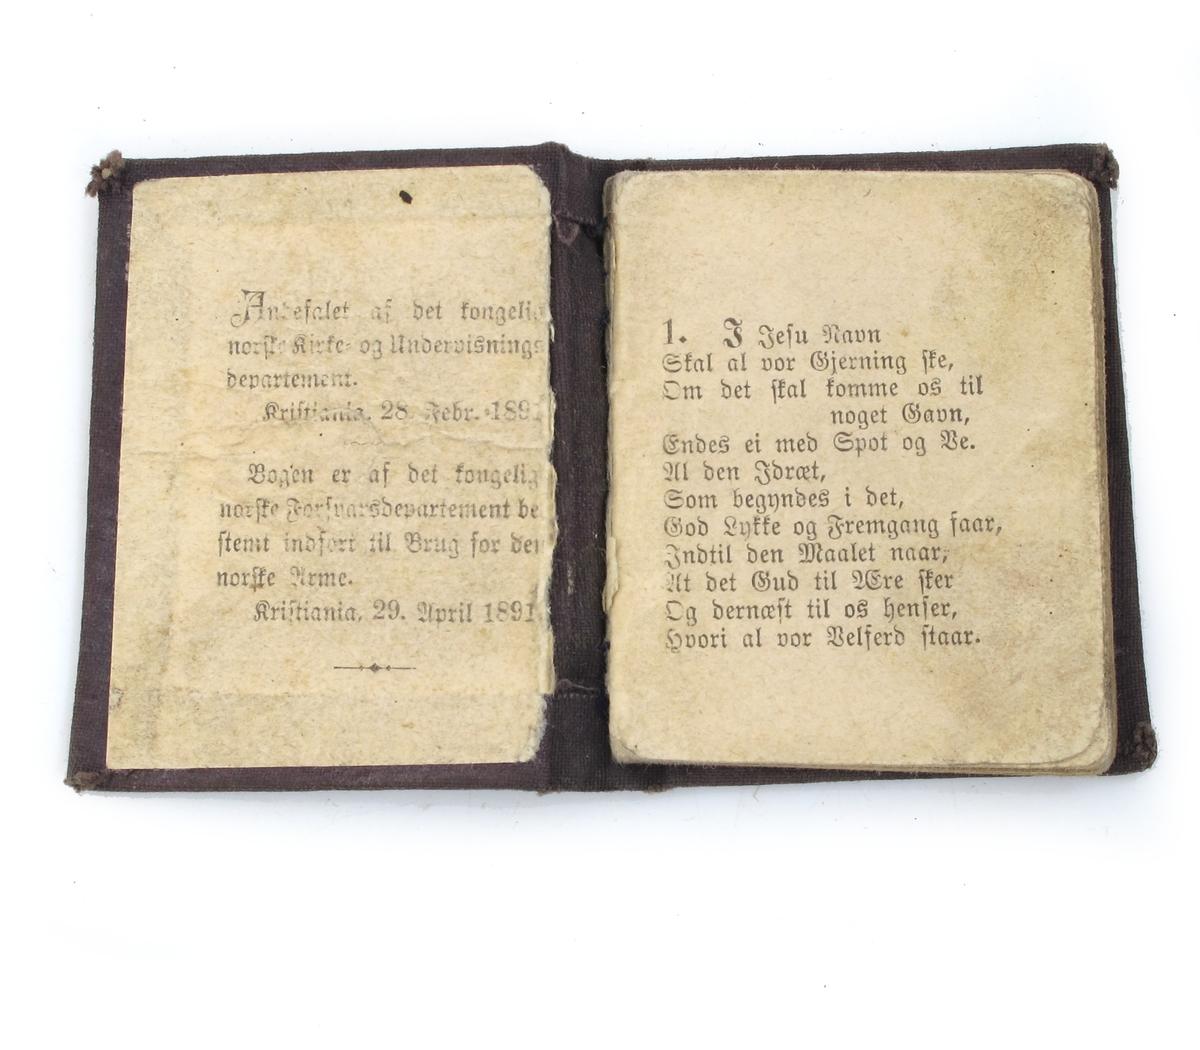 Liten bønnebok for soldater. Mørkebrun shirting. Mangler titelblad. 58 sider.